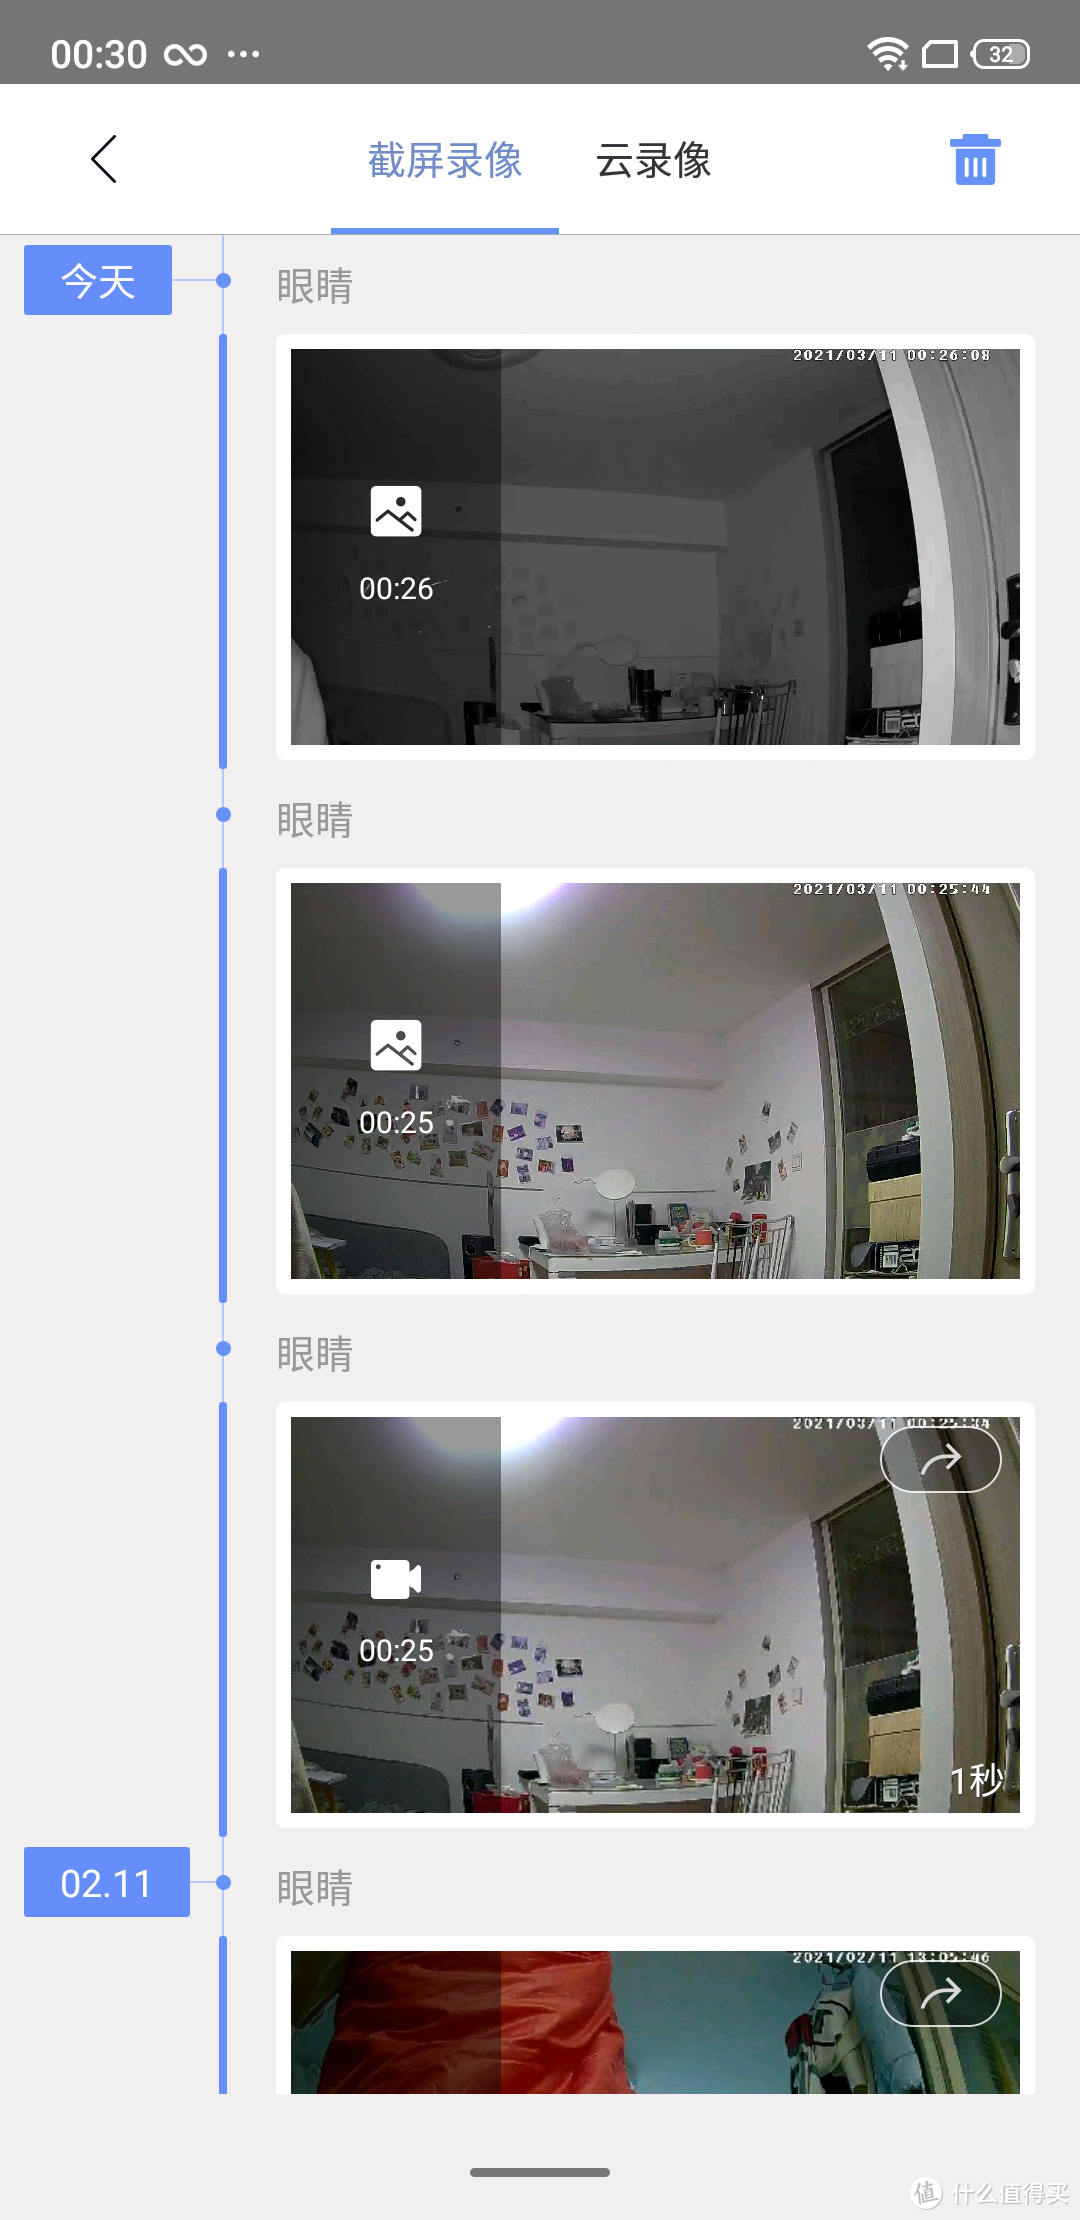 告别电源线,安防就是如此简单!——360智能摄像头云台电池版